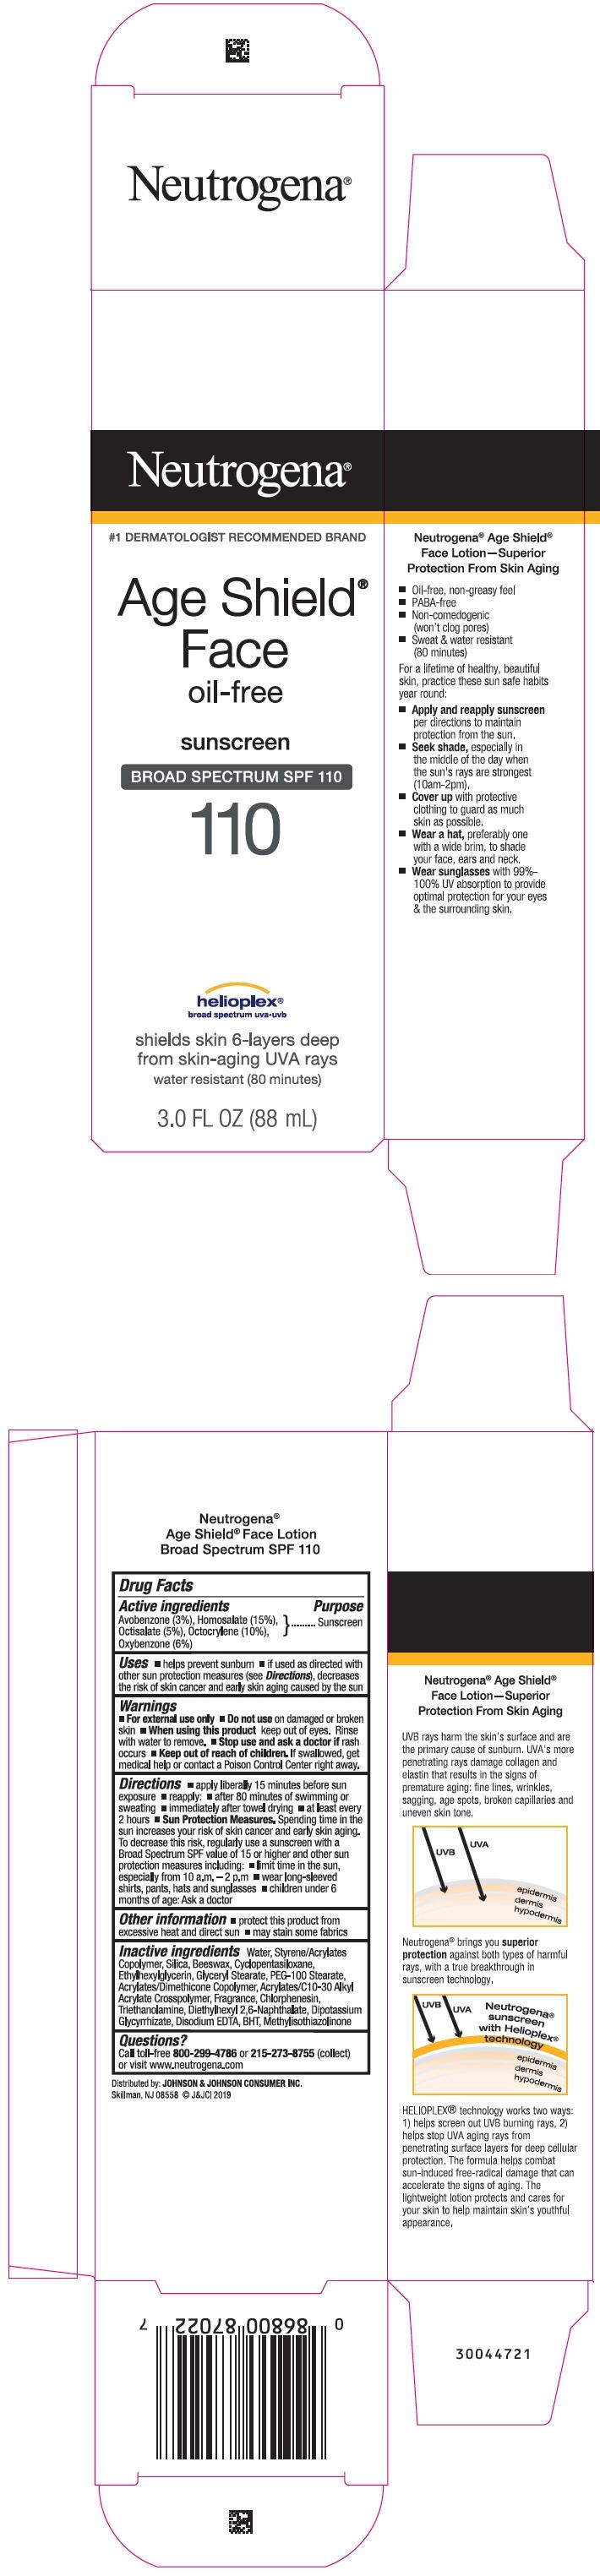 PRINCIPAL DISPLAY PANEL - 88 mL Tube Carton